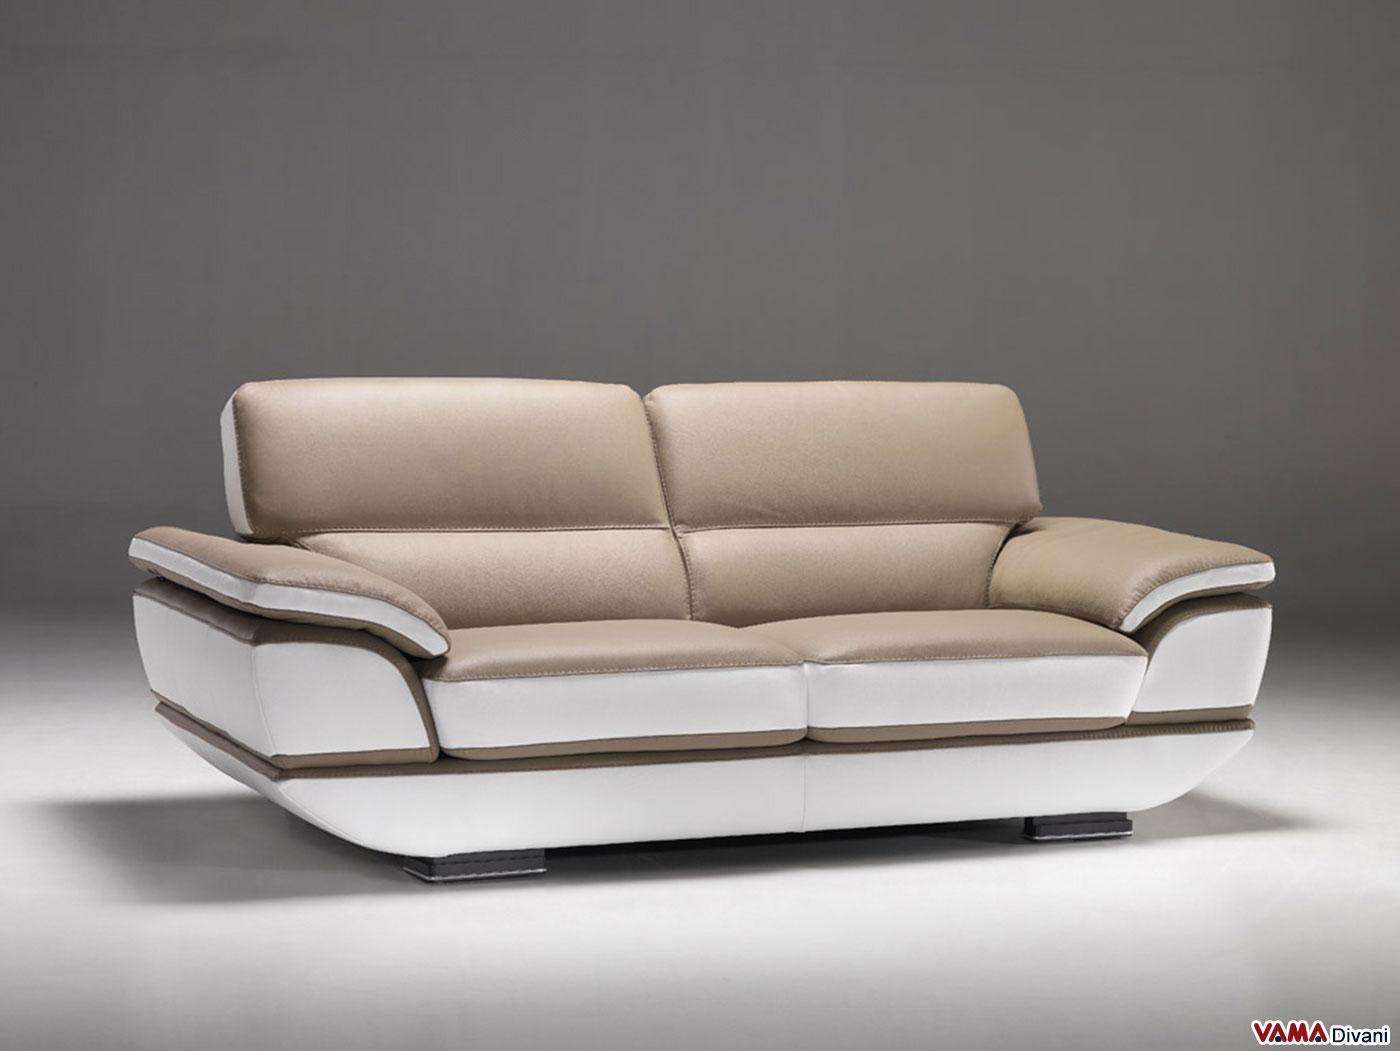 Divano angolare moderno in pelle con angolo inferiore a 90 - Copridivano angolare per divano in pelle ...